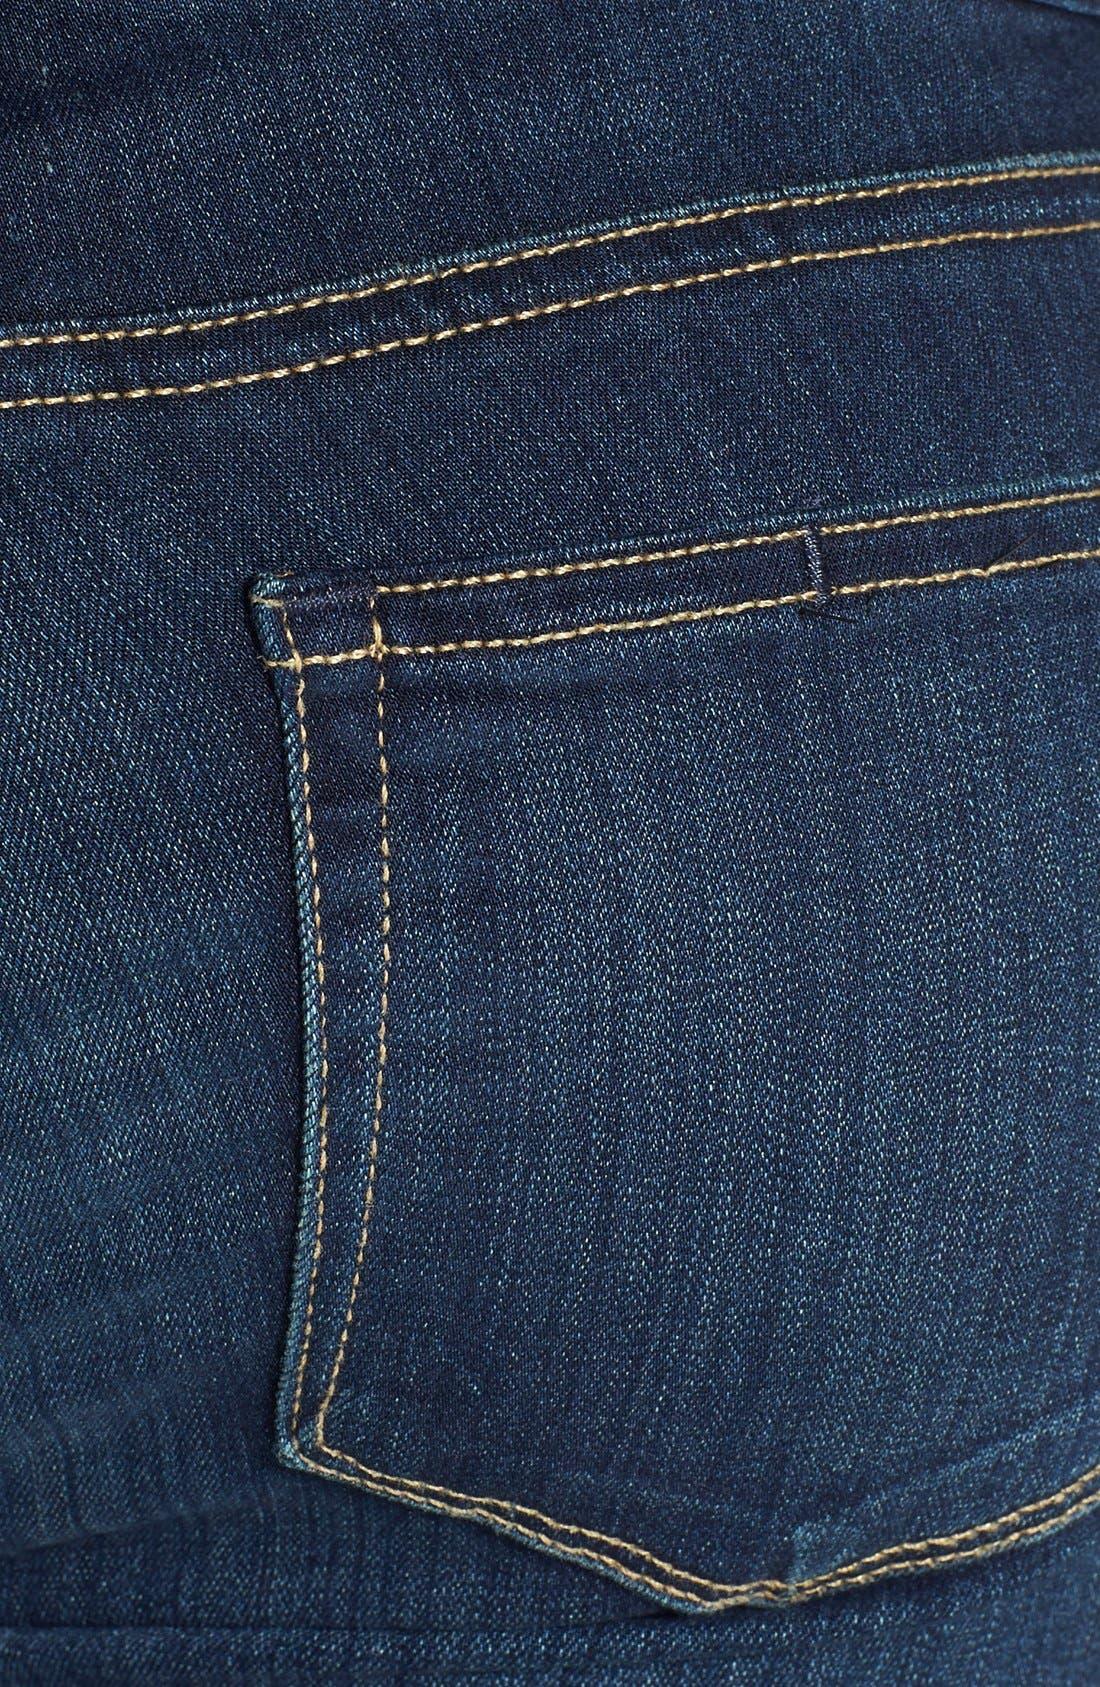 Transcend - Skyline Straight Leg Jeans,                             Alternate thumbnail 4, color,                             400